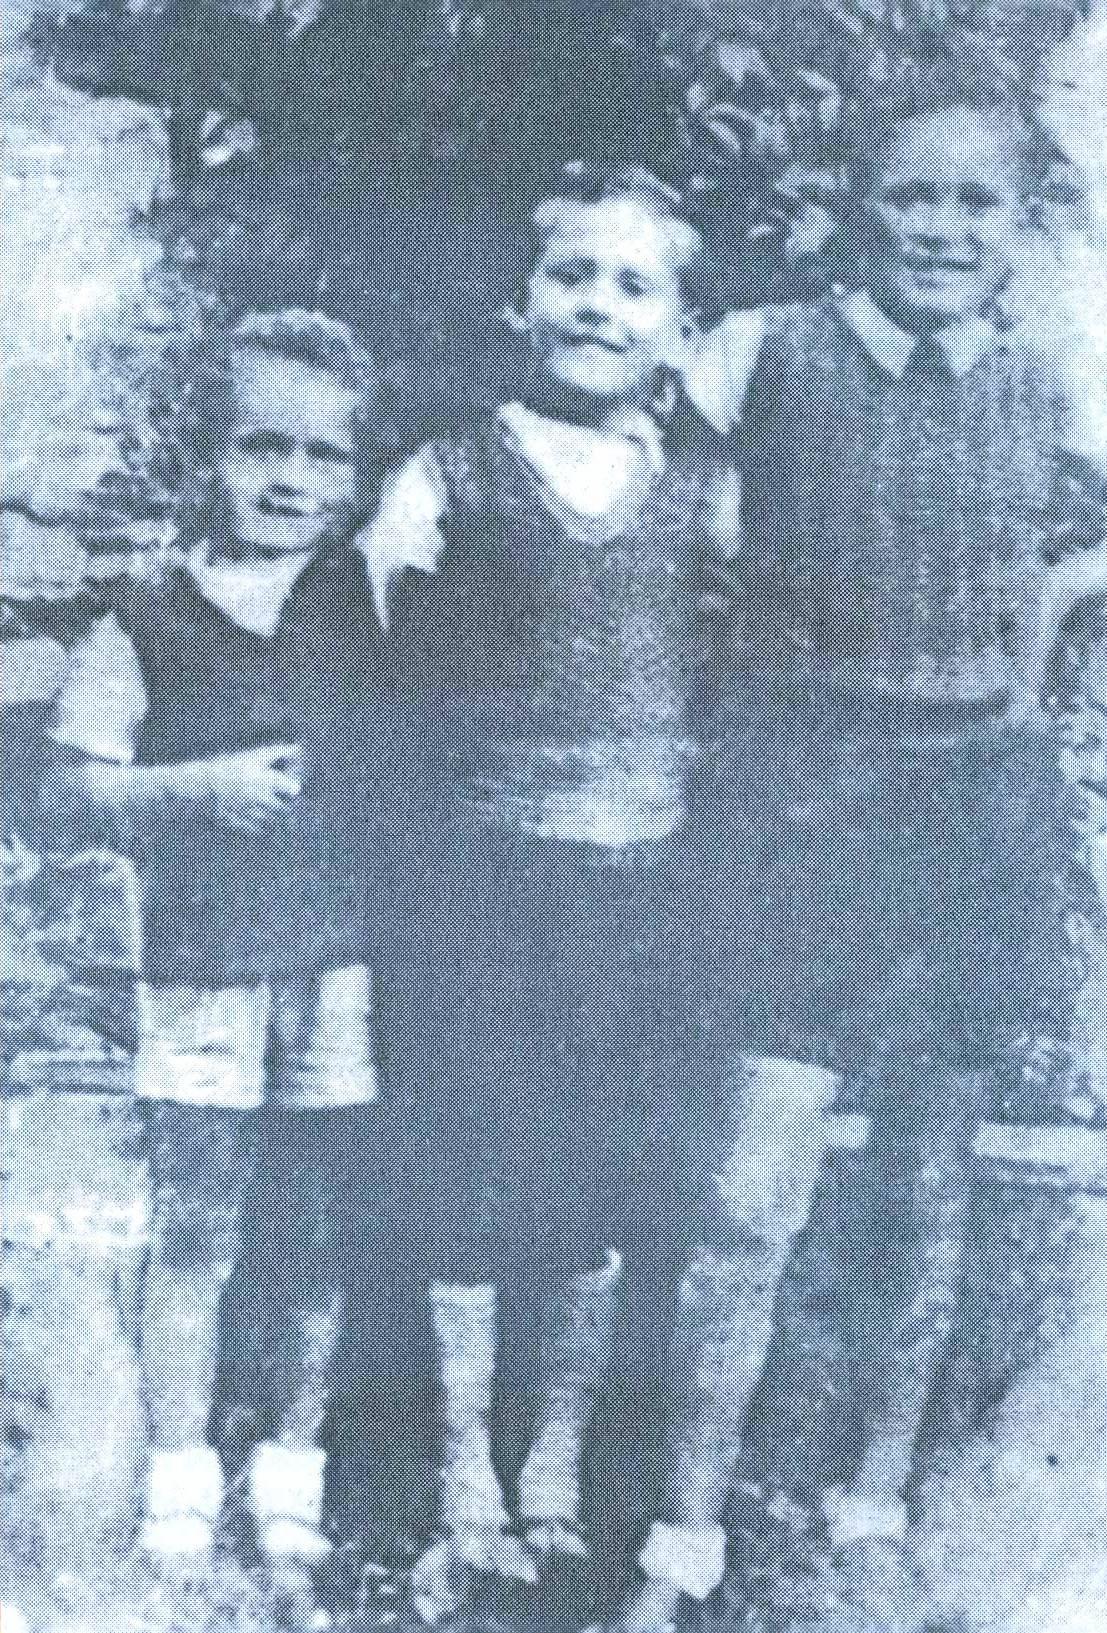 """Sinovi livanjskog trgovca RADA RADETE, NIKOLA, DEJAN I MILOŠ poklani su u šumi Koprivnici zajedno sa majkom VESELINKOM i bakom, sedamdesetjednogodišnjom MILKOM ANĐIĆ, samo mjesec dana poslije oca ( zanimljivo je da se u ovdje citiranom dokumentu spominju samo """"dva sina mala"""" Rada Radete, nema ni njihove majke, ni babe)"""